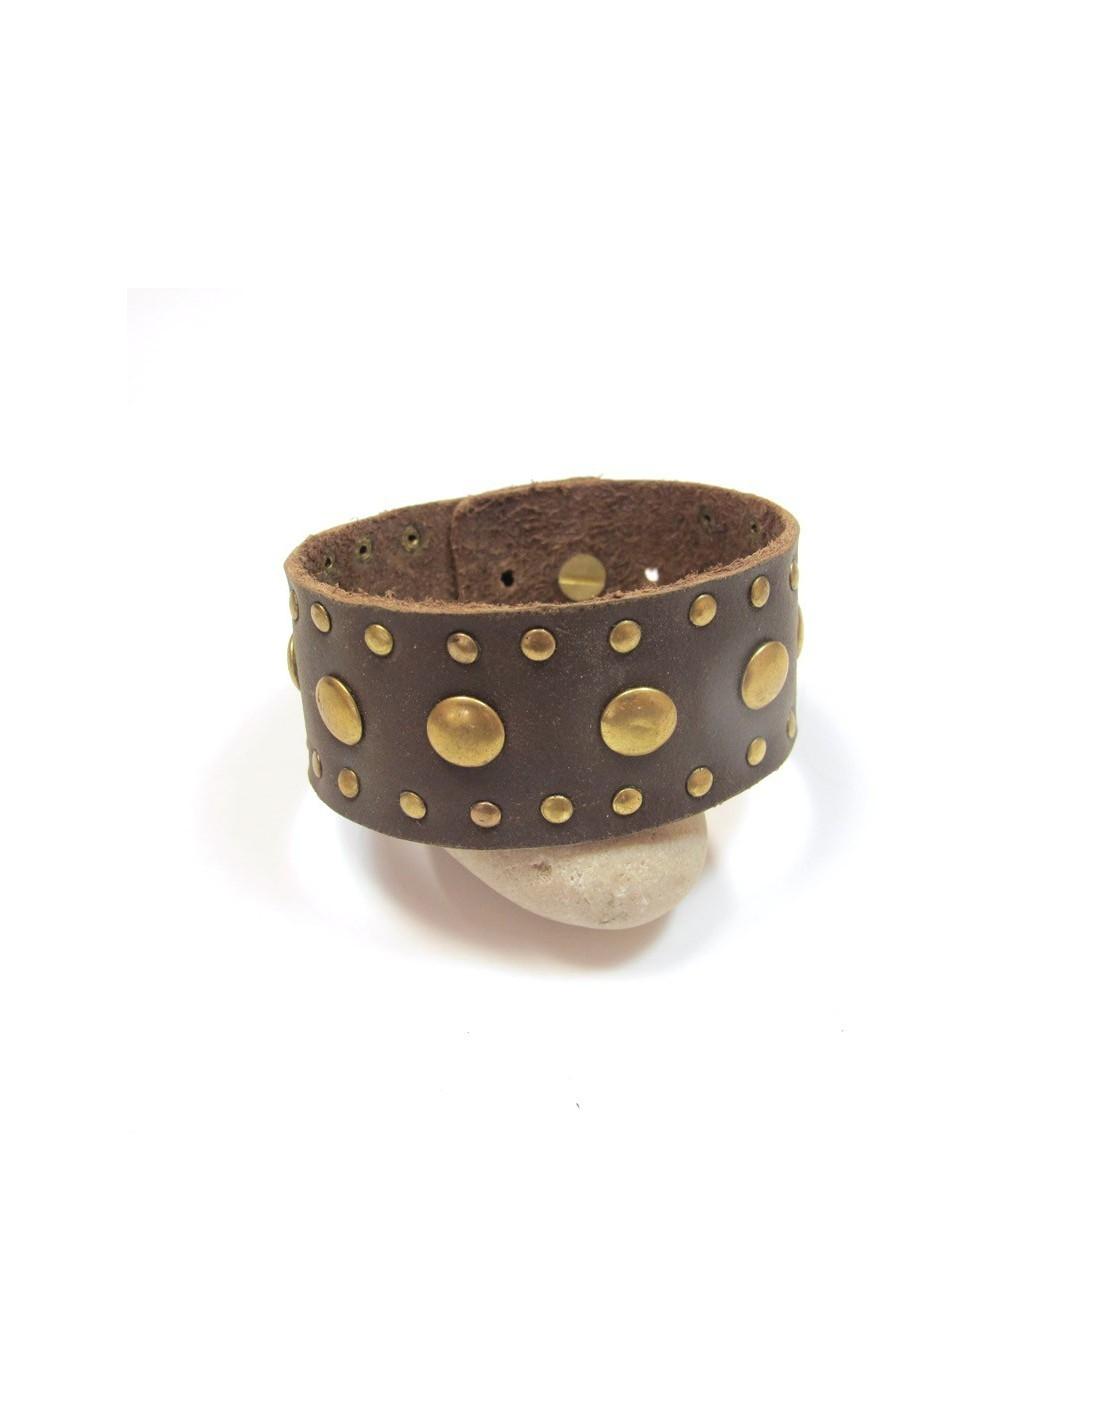 bracelet large cuir marron bijoux en cuir bf14. Black Bedroom Furniture Sets. Home Design Ideas